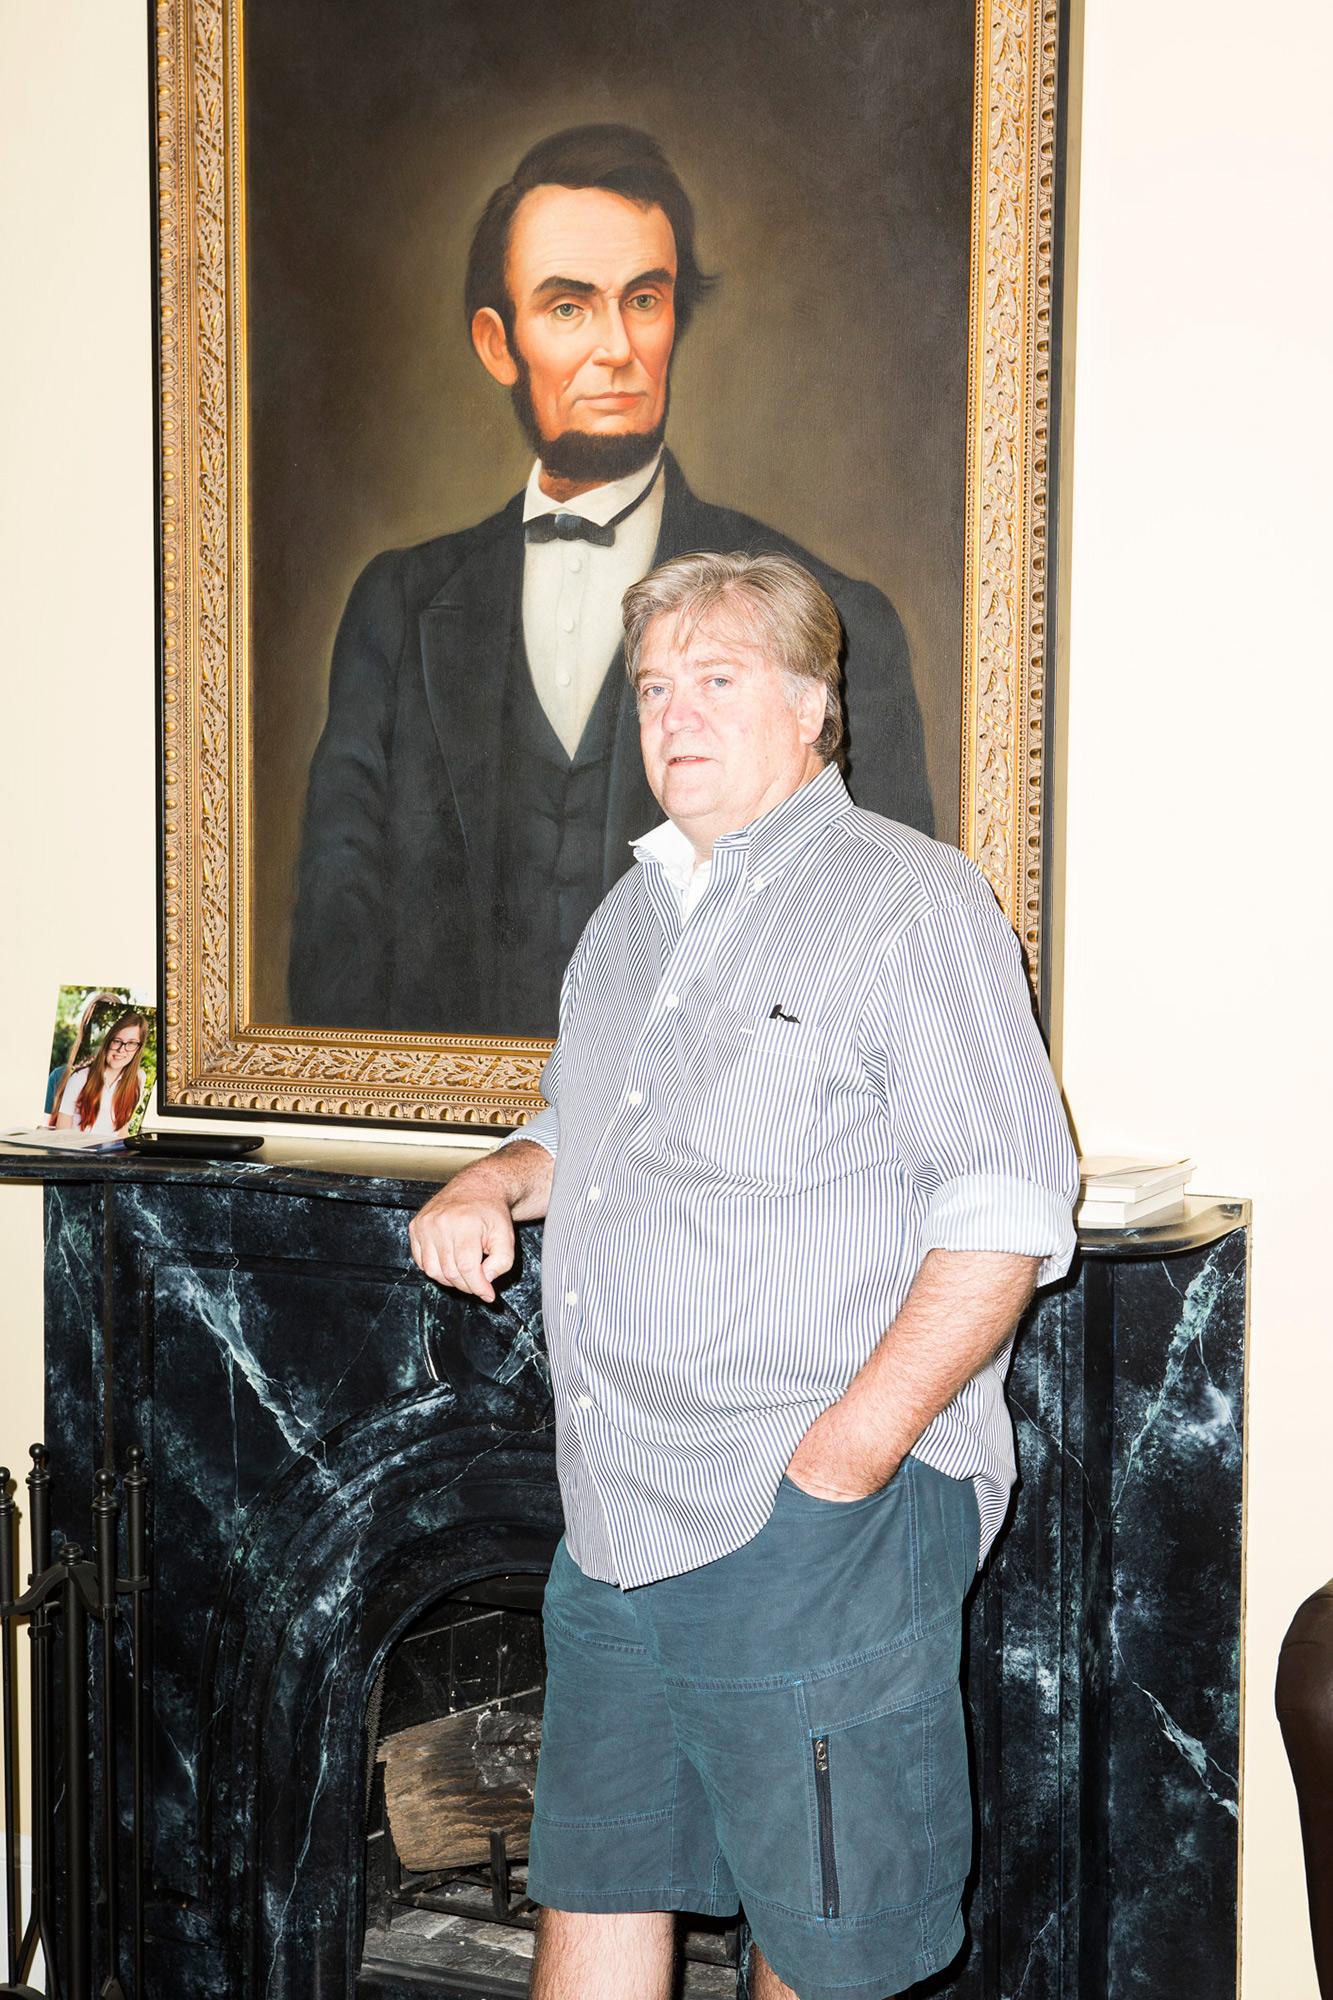 Steve Bannon: This Man Is the Most Dangerous Political